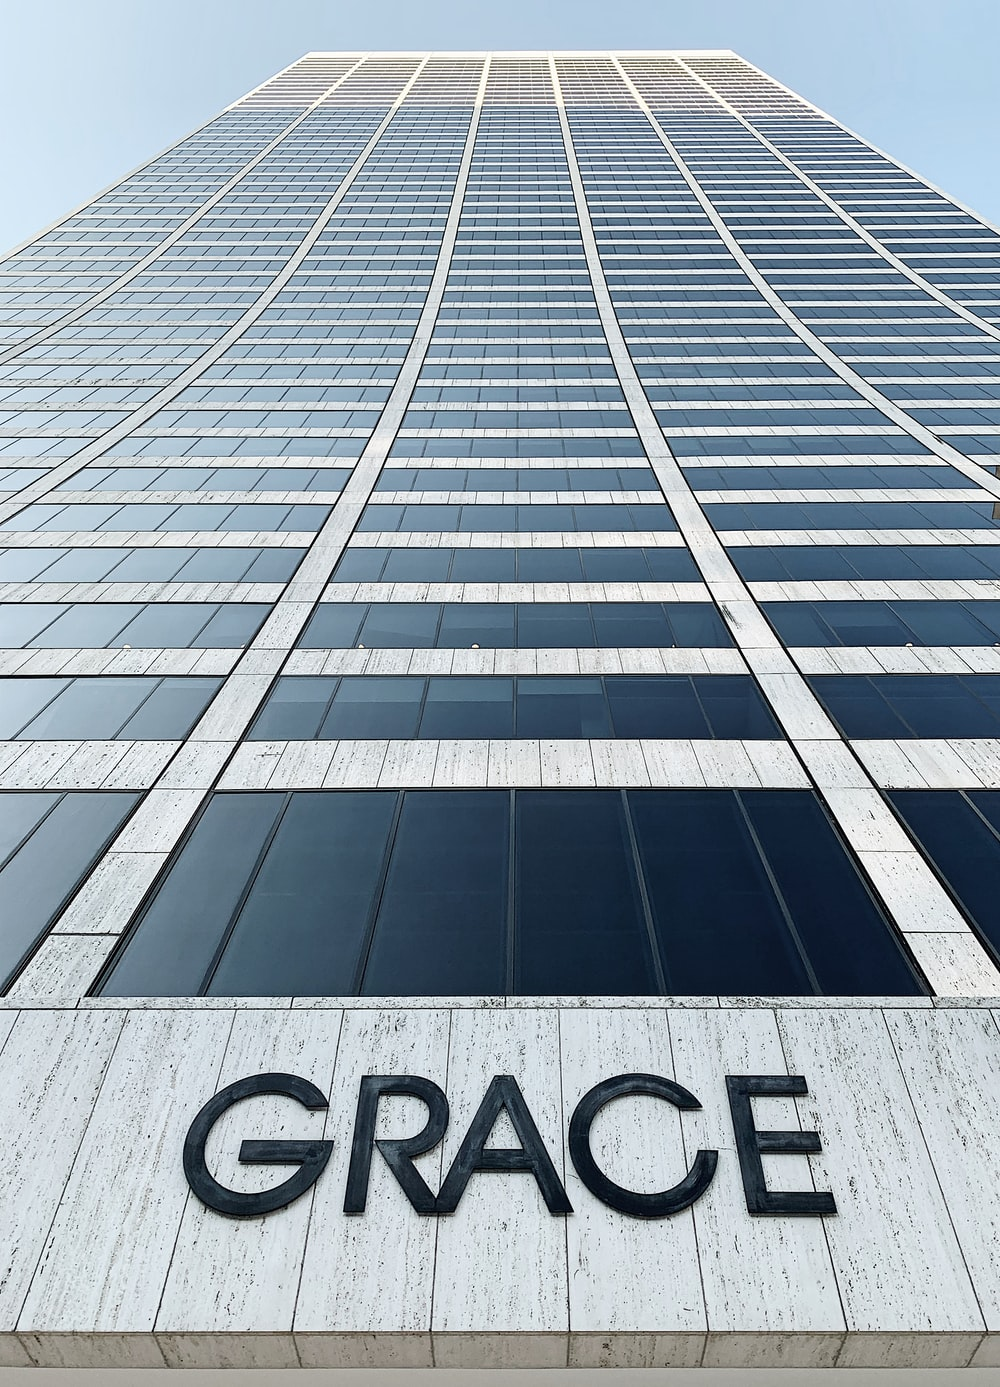 Grace high rise building